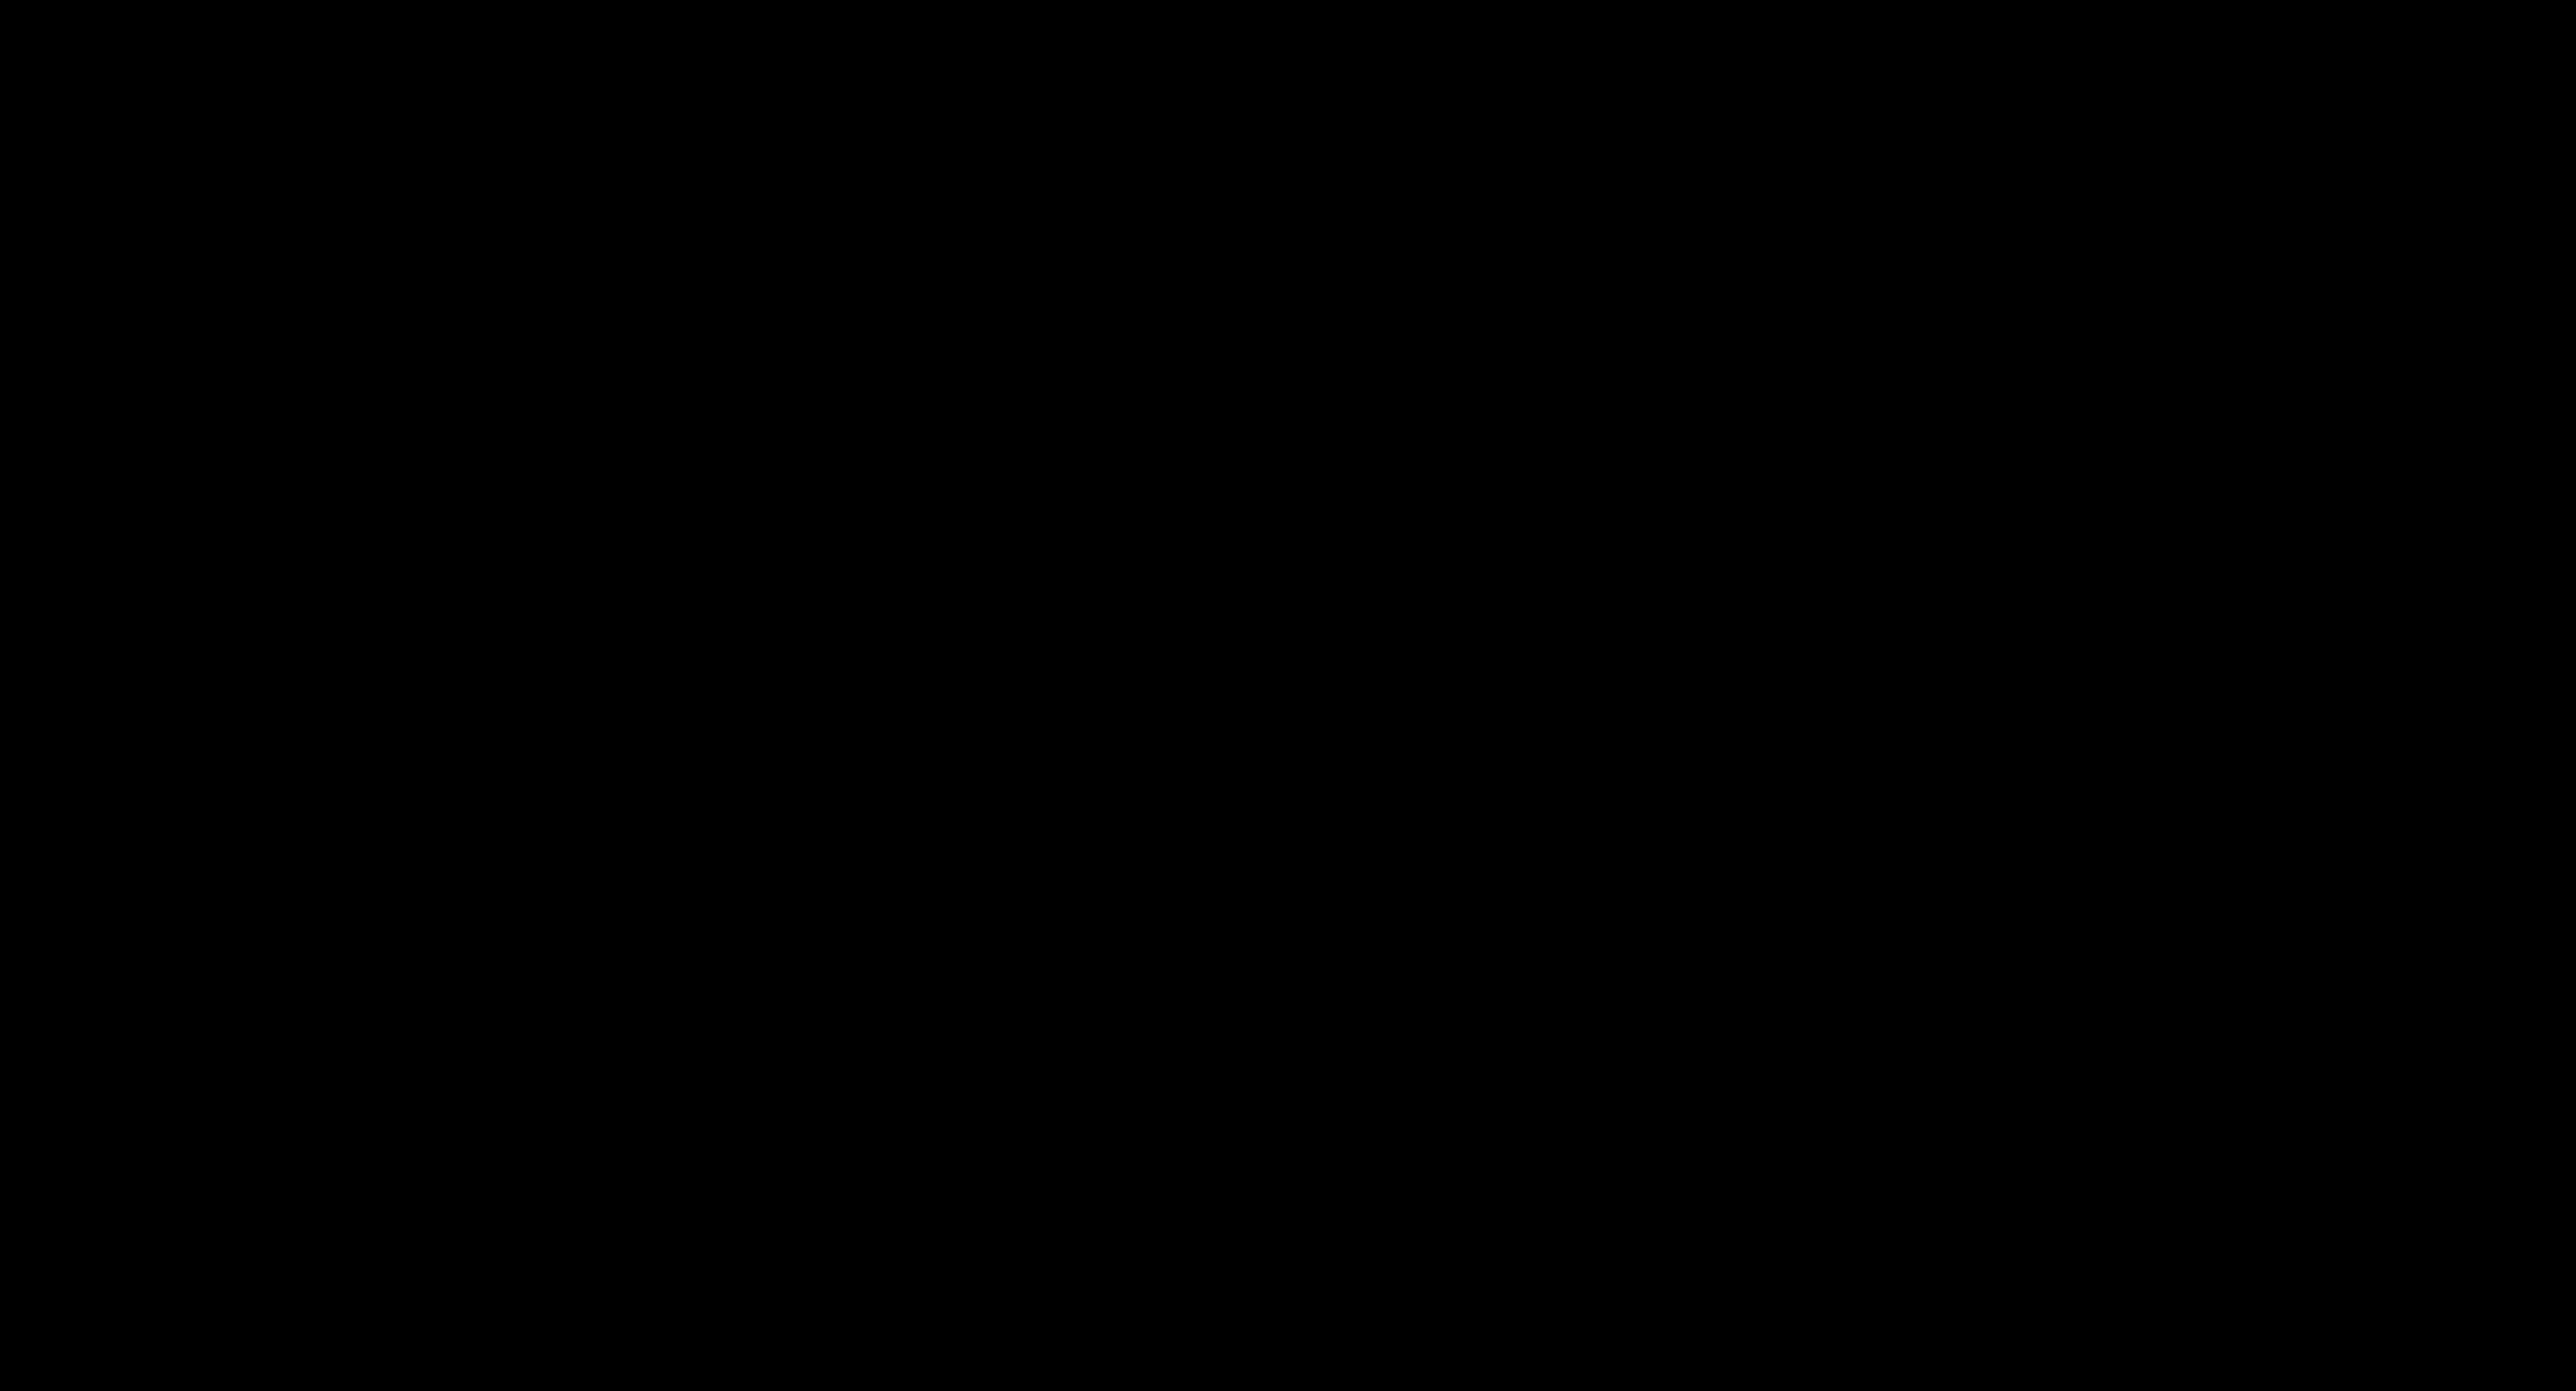 2-[(N-Dansylbiocytin)amido]ethyl methanethiosulfonate